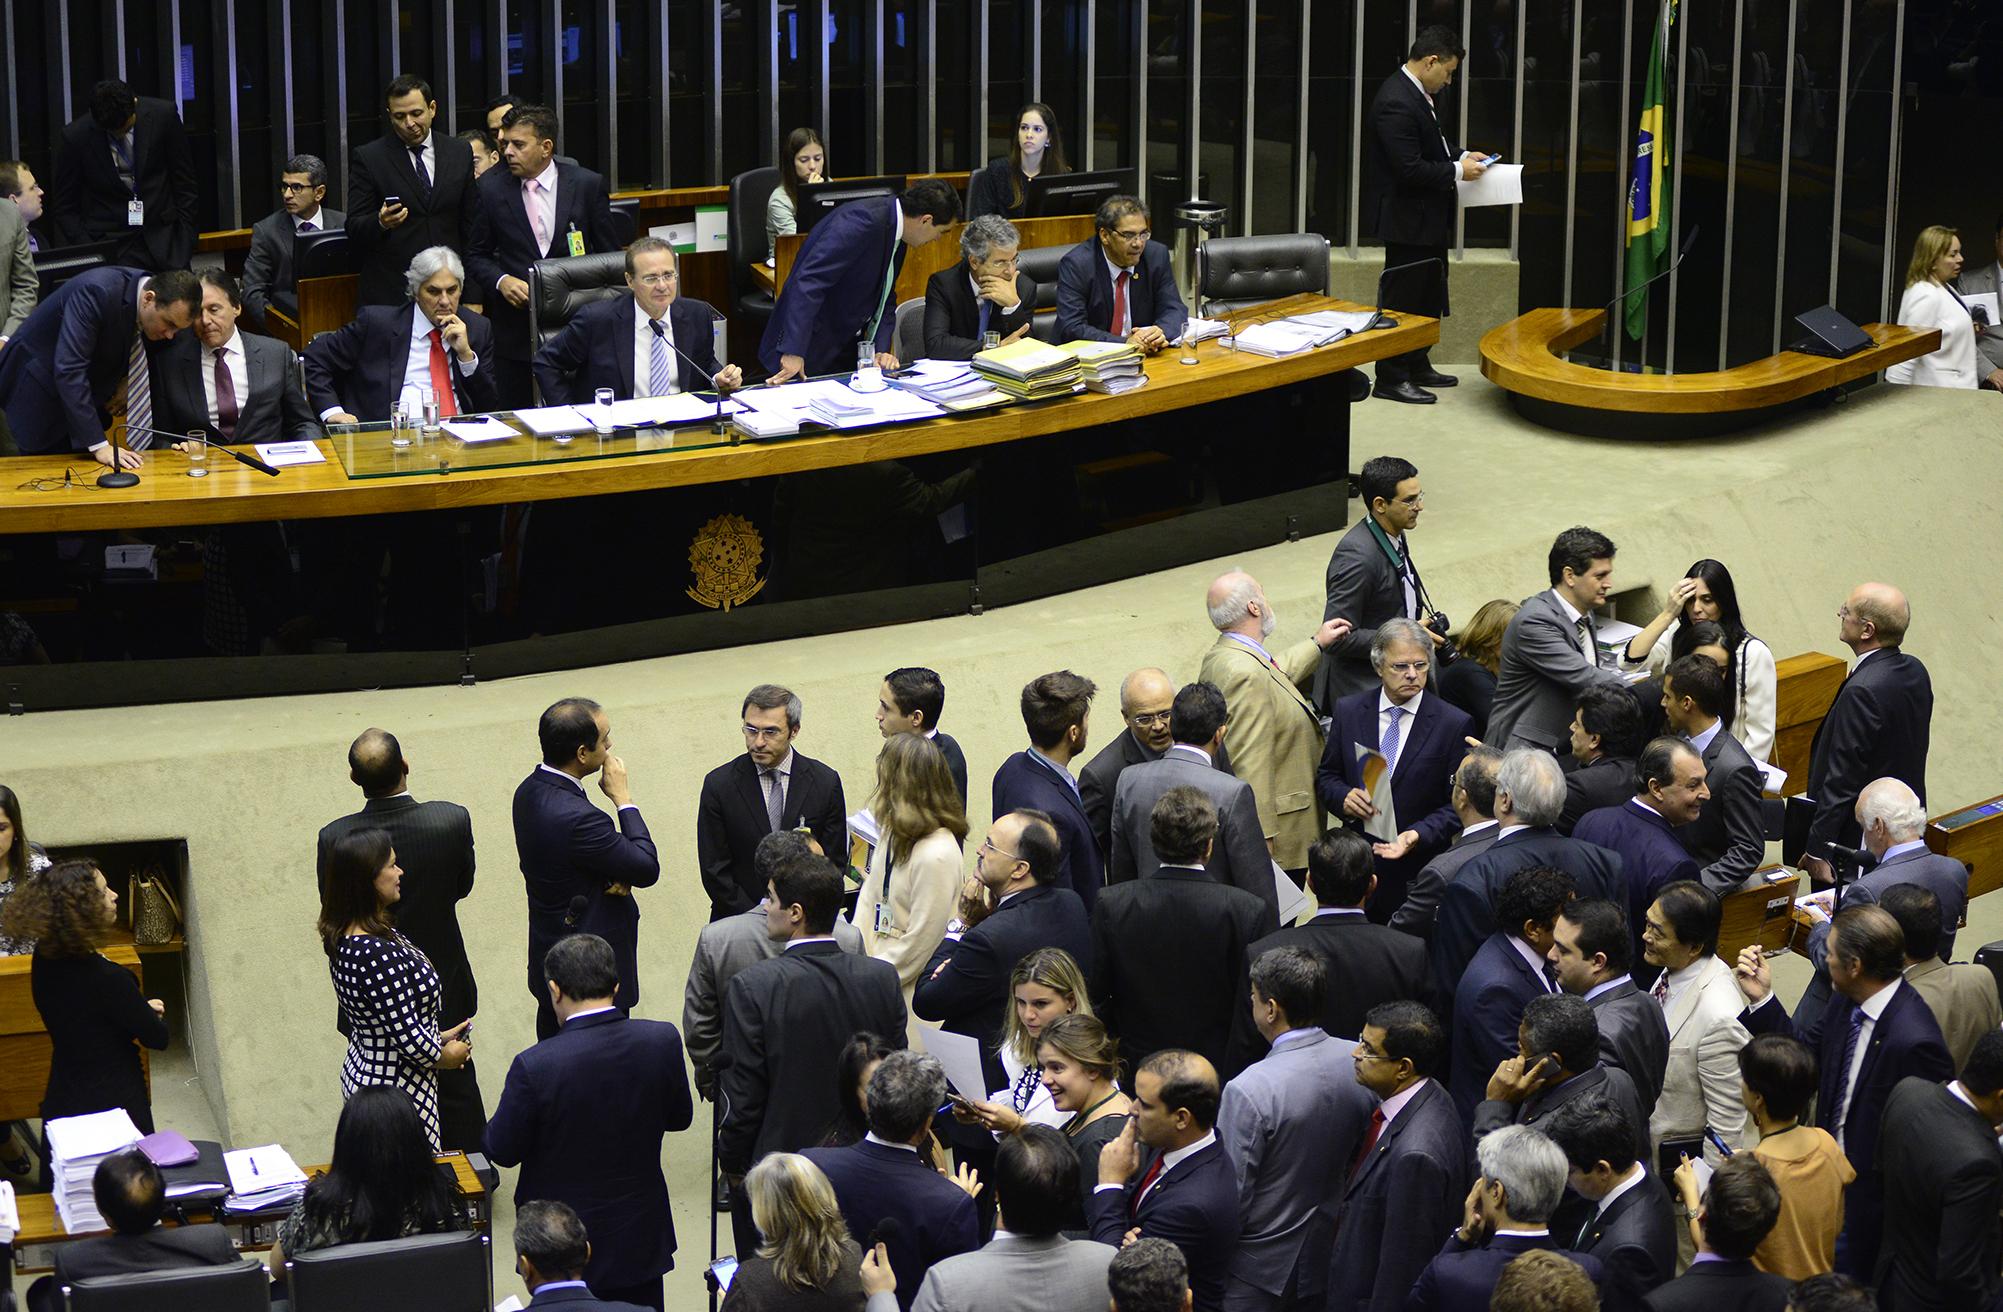 Sessão do Congresso Nacional para a análise e votação de vetos presidenciais